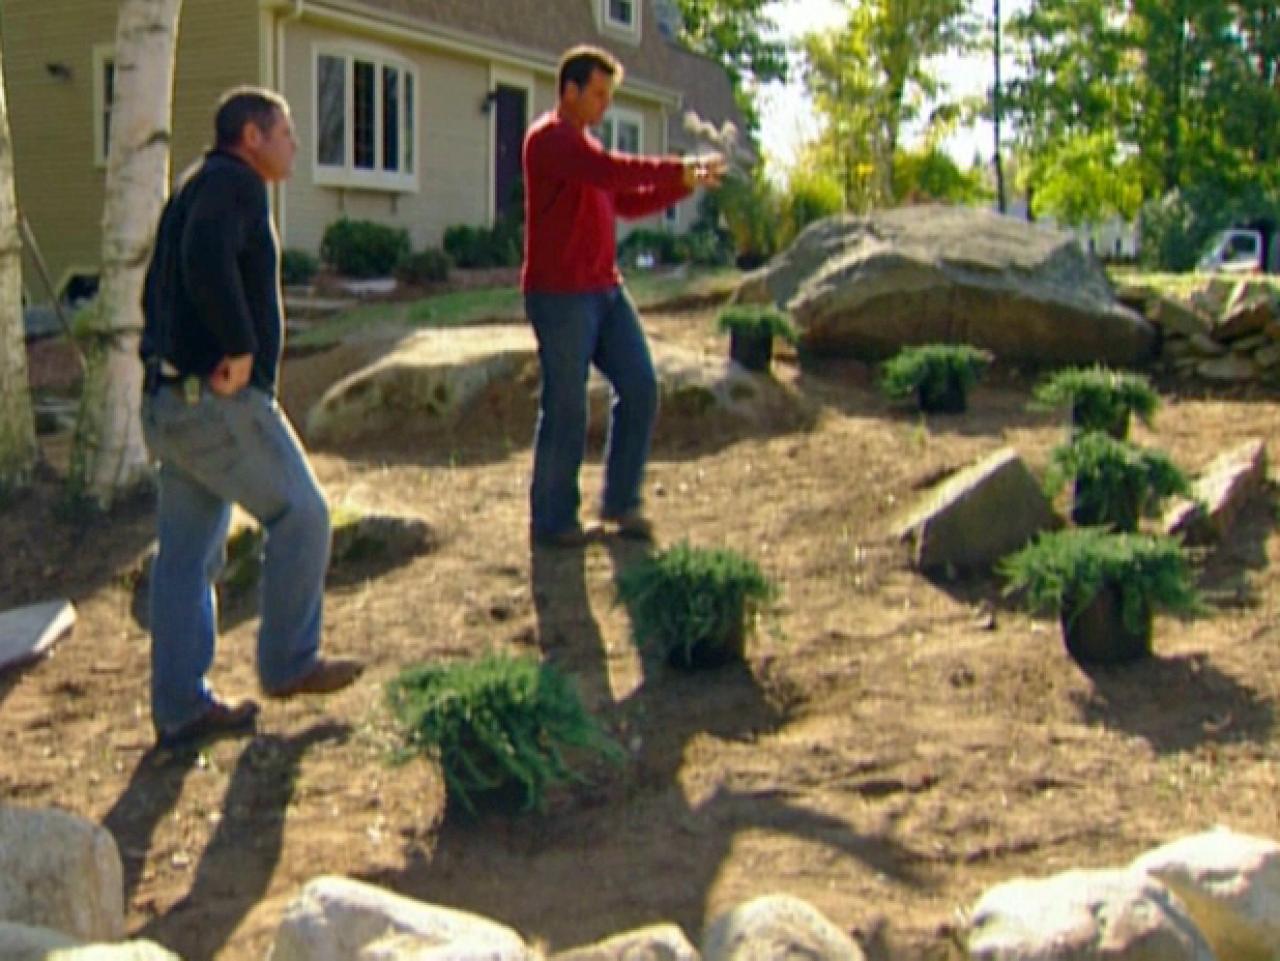 How to Make a Rock Garden | how-tos | DIY